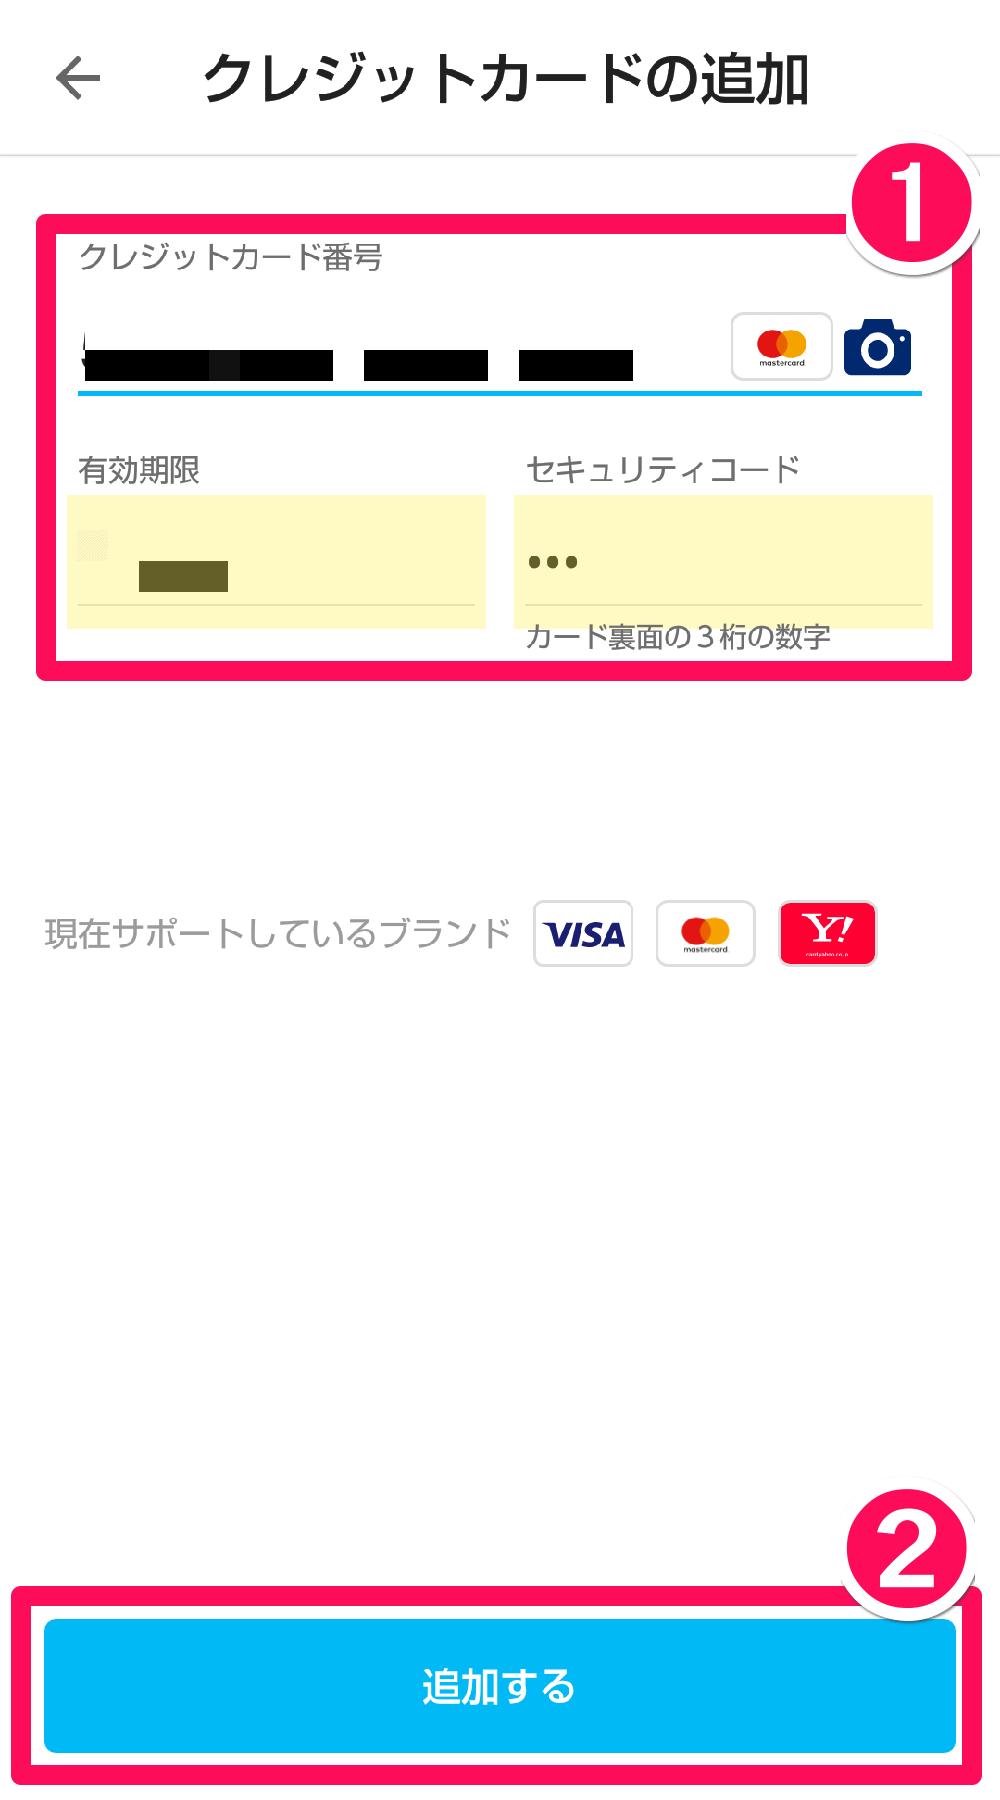 PayPayアプリ(ペイペイアプリ)のクレジットカード情報の入力画面